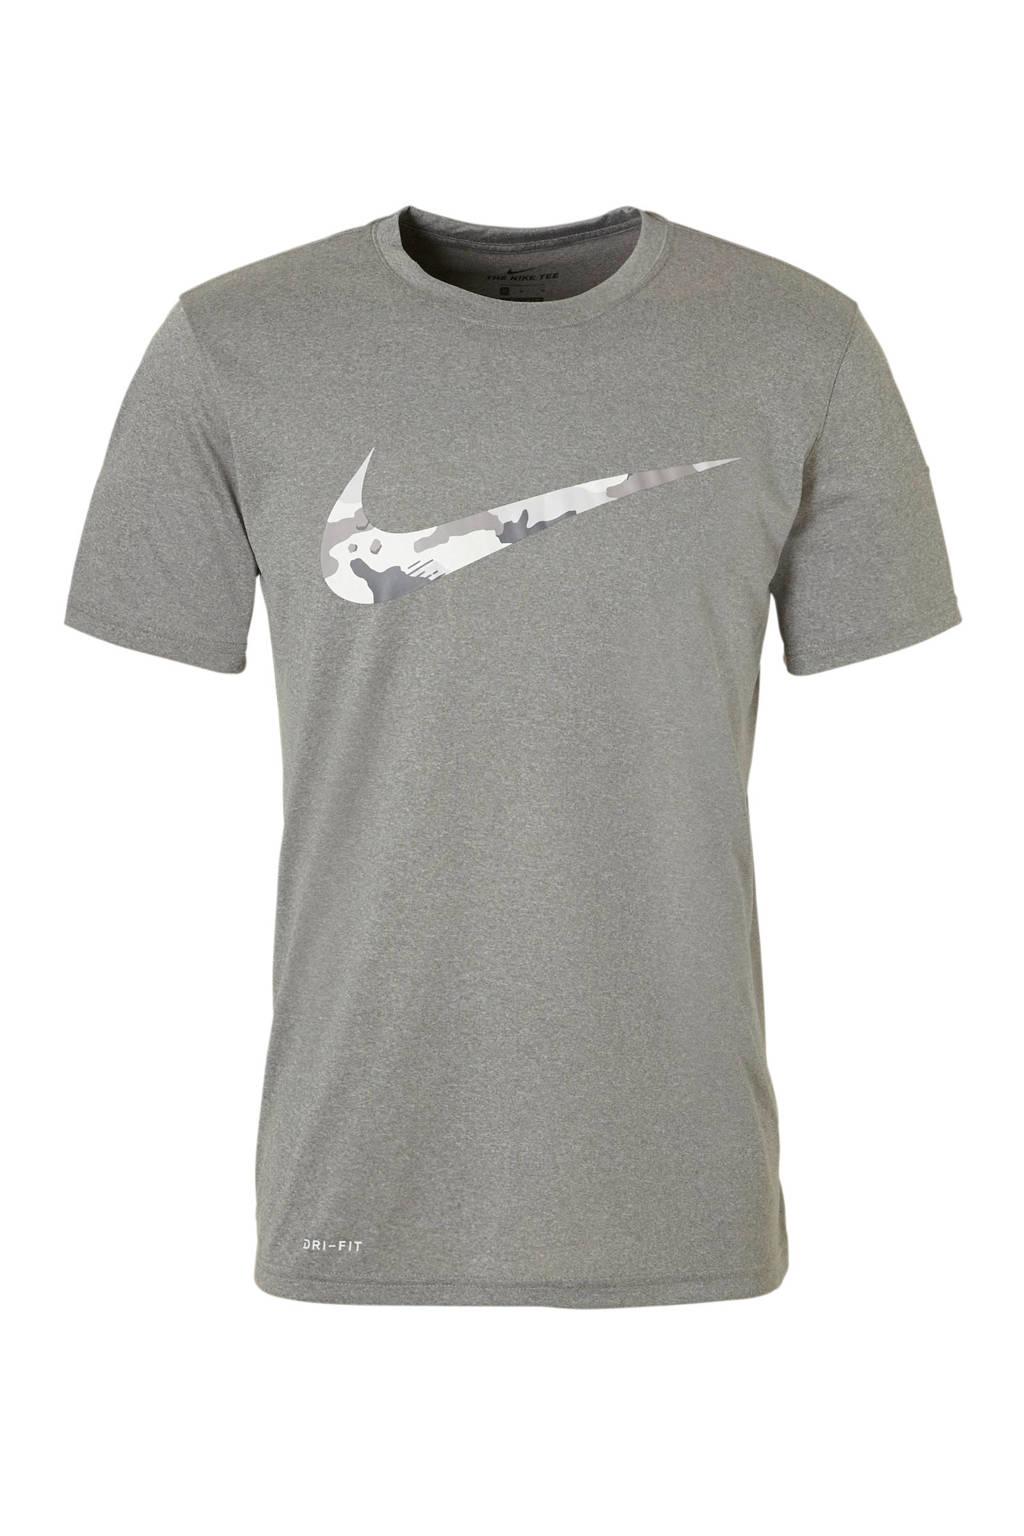 Nike   sport T-shirt grijs, Grijs